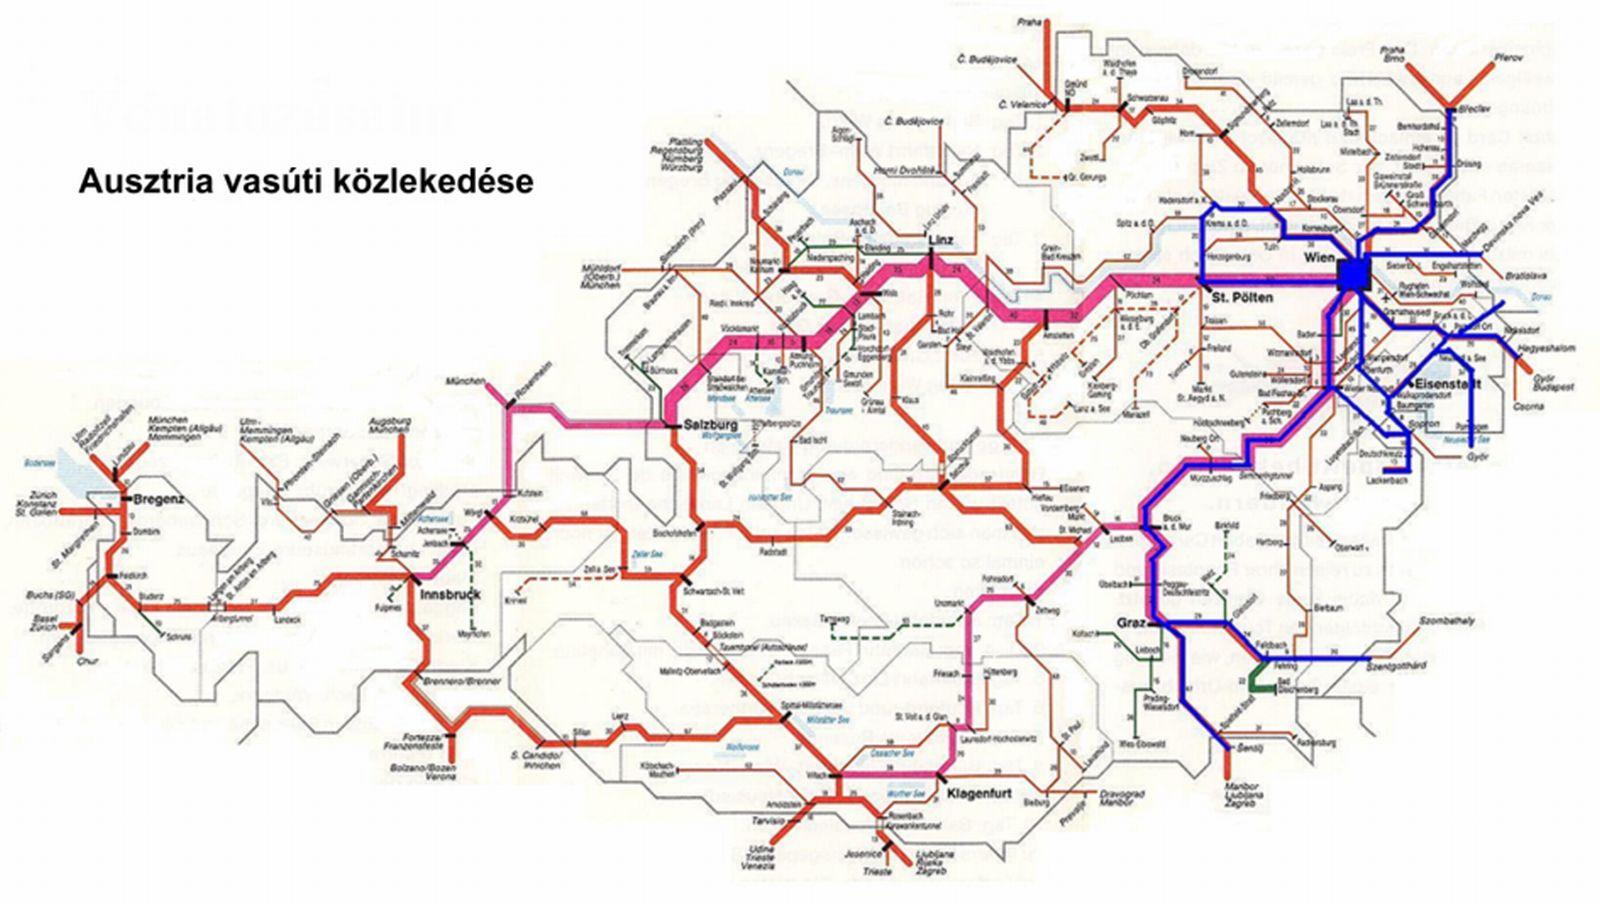 vasúti térkép ausztria Közlekedési földrajz | SuliTudásbázis vasúti térkép ausztria